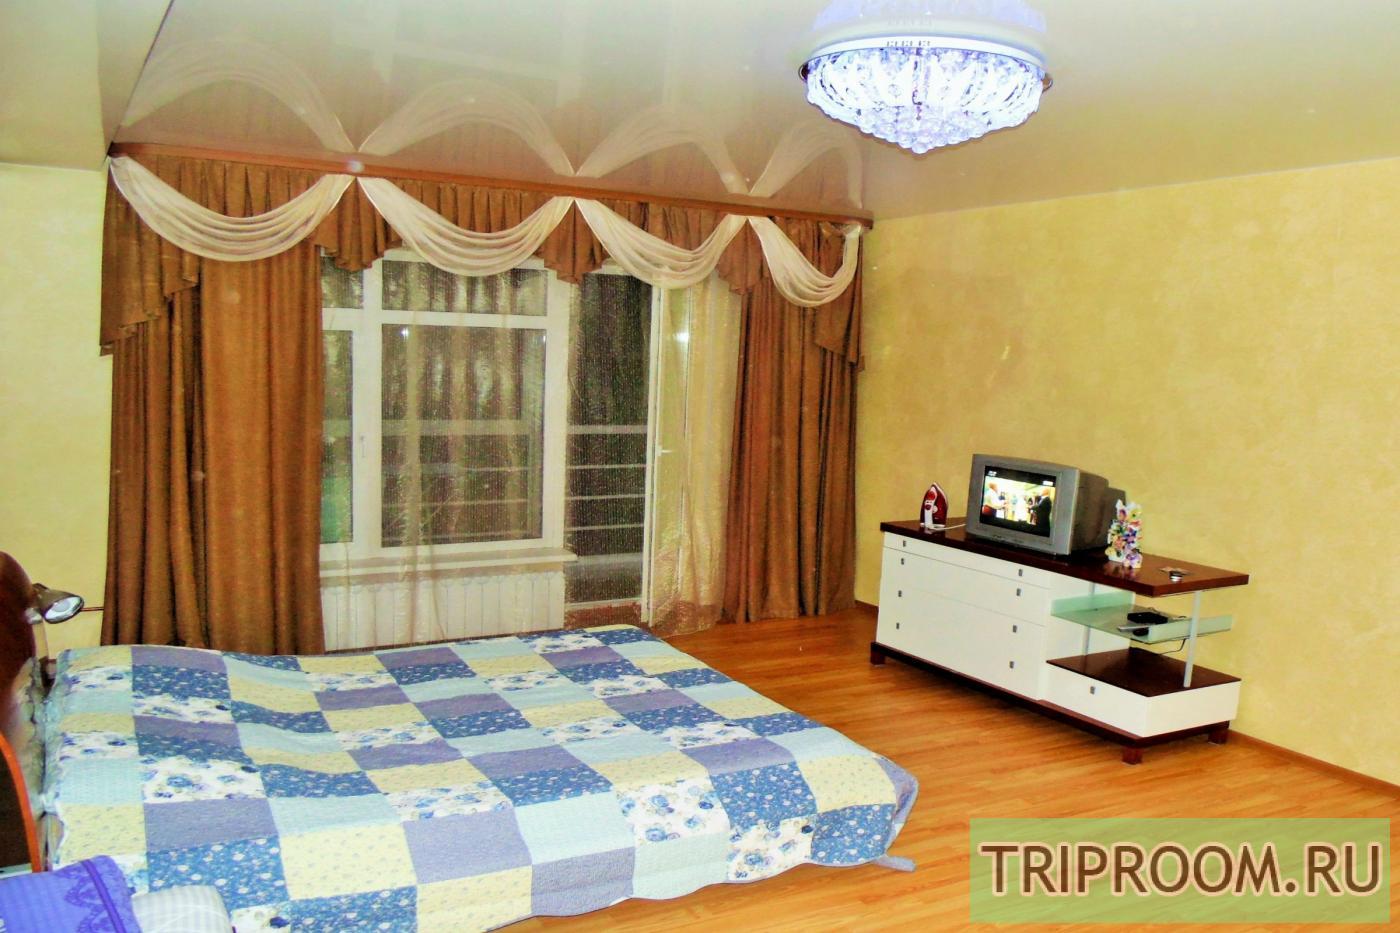 1-комнатная квартира посуточно (вариант № 23639), ул. Невского улица, фото № 2